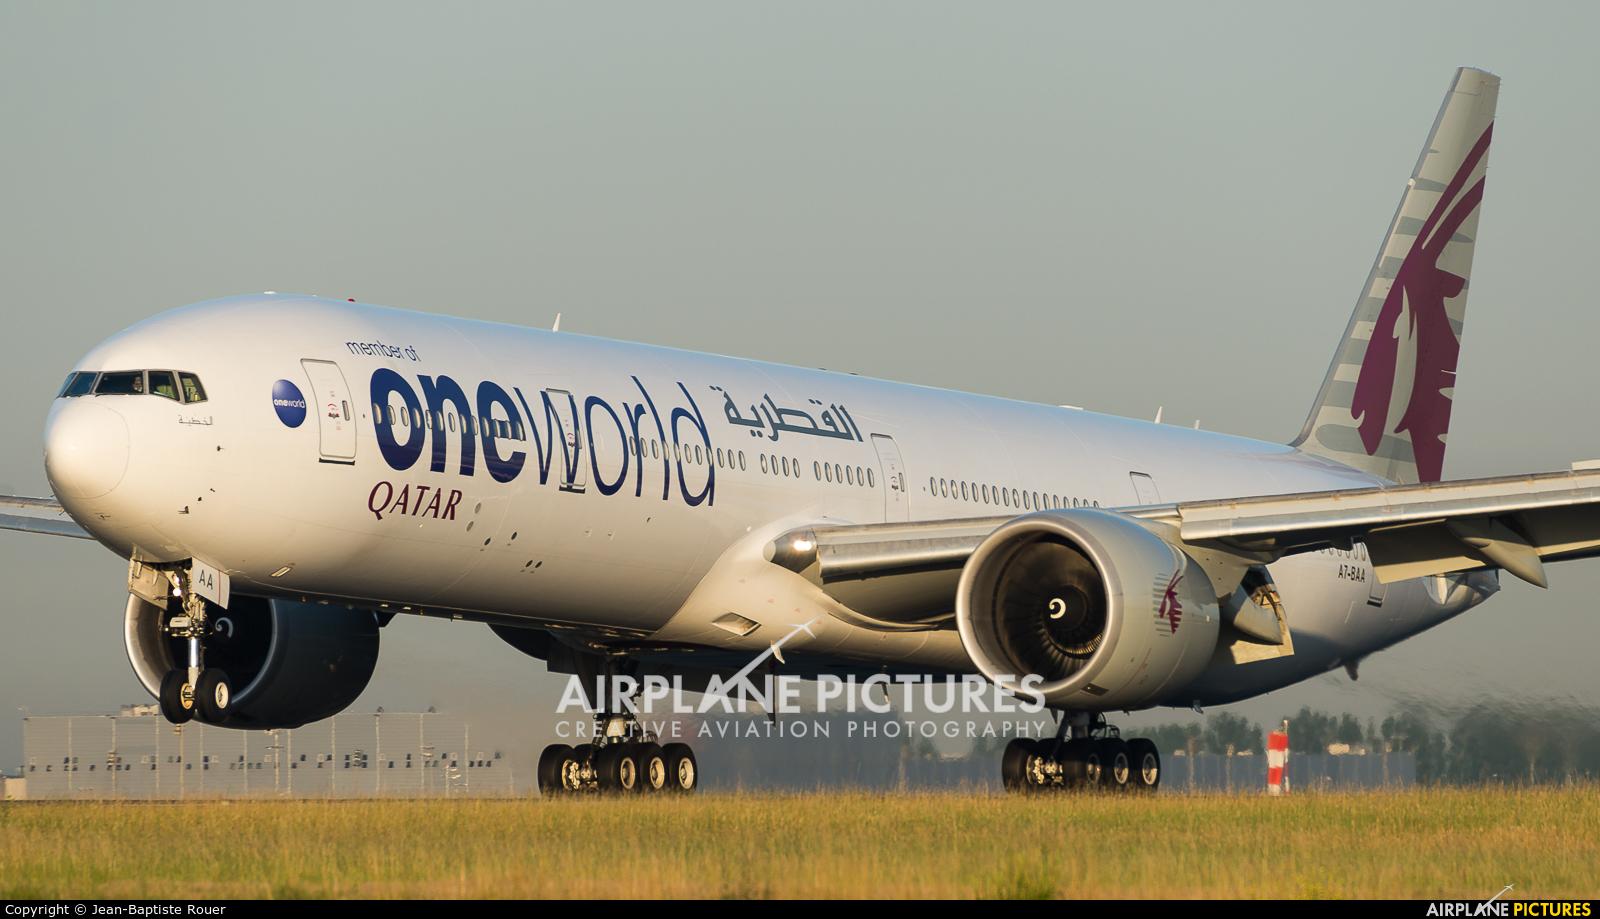 Qatar Airways A7-BAA aircraft at Paris - Charles de Gaulle